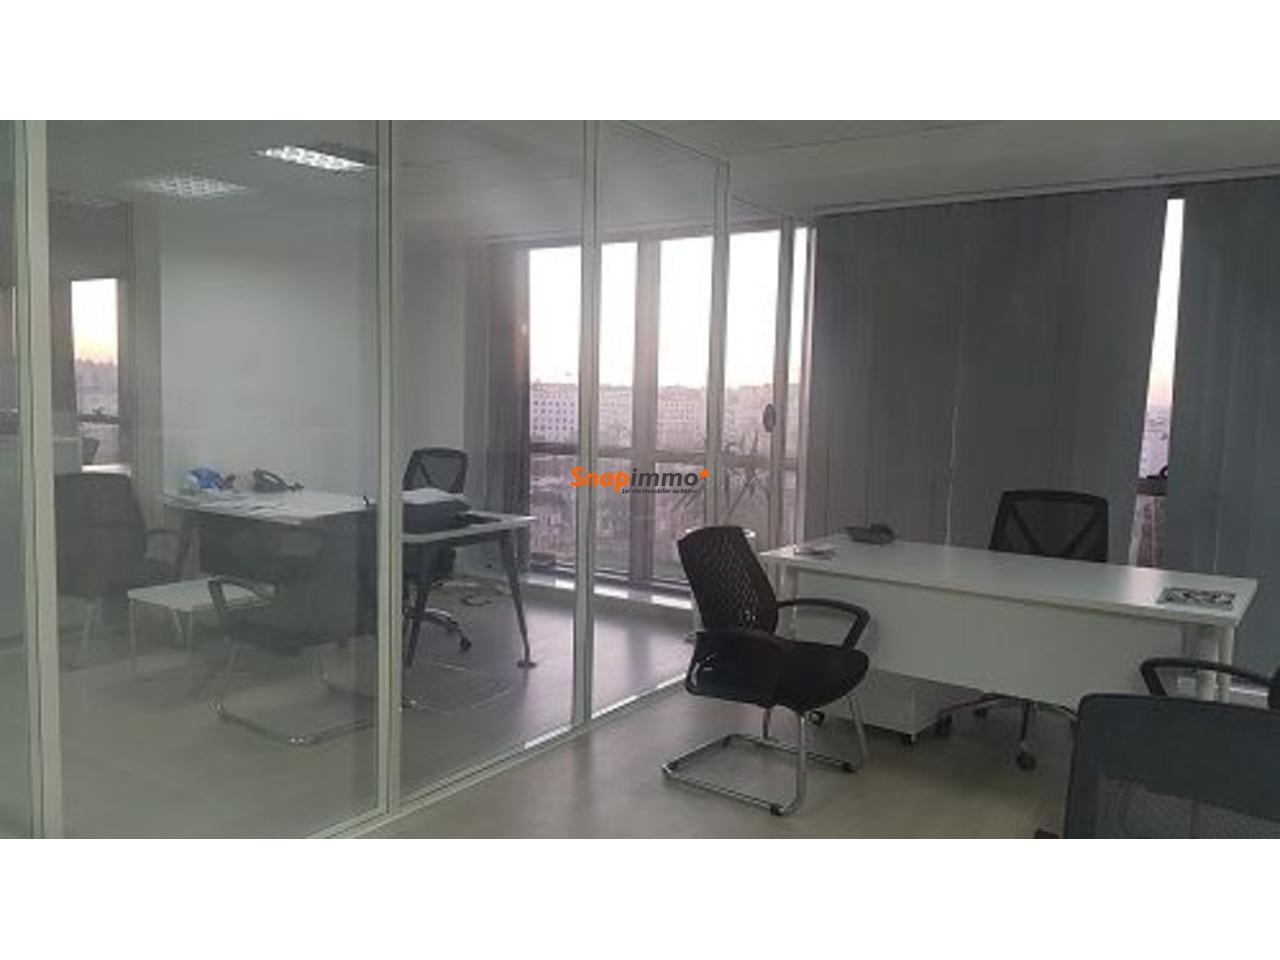 Bureau LPB 505 de 347 m2 à LA CORNICHE - 1/4